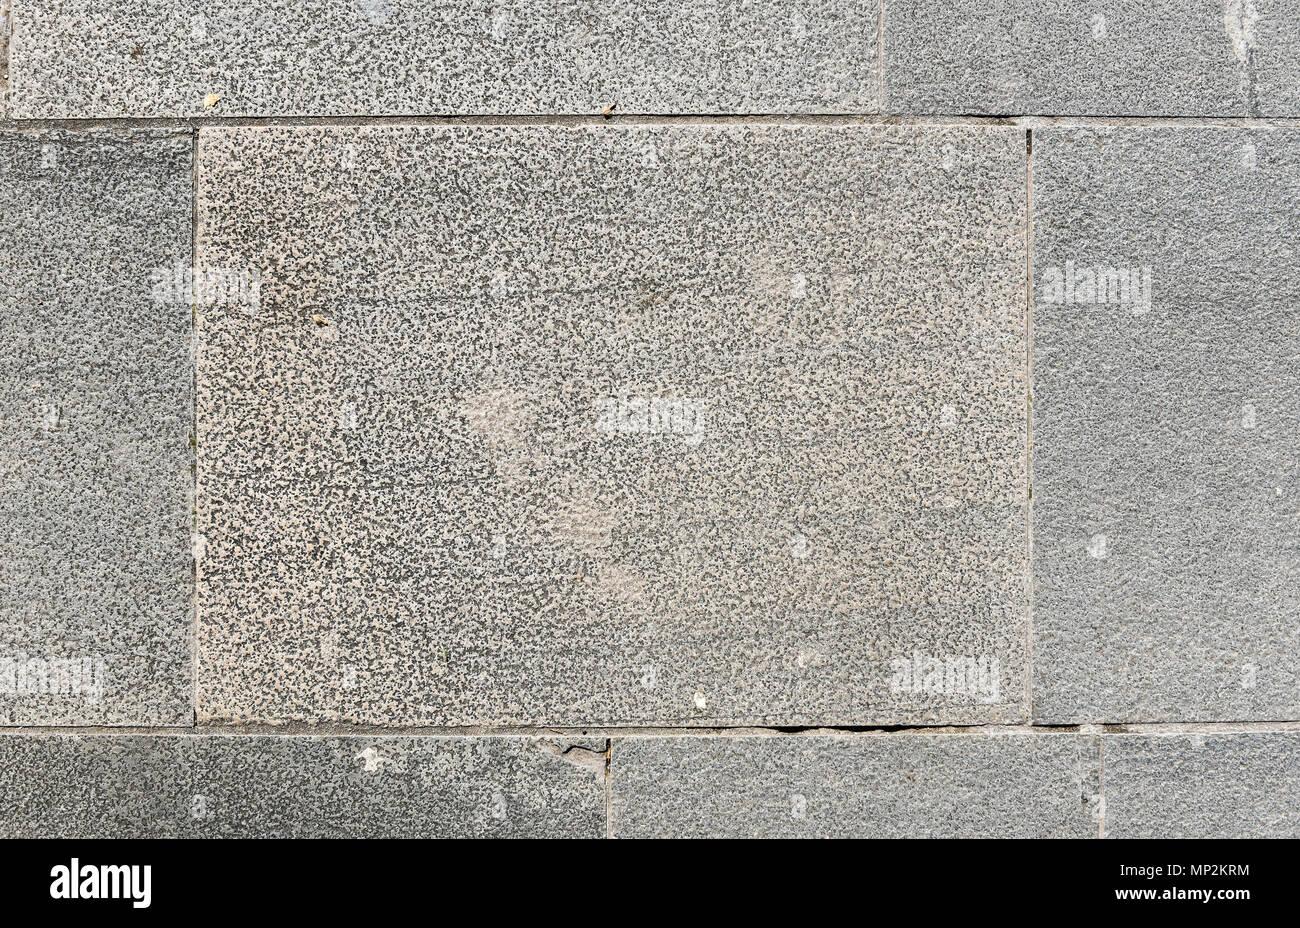 Dreckig Ausserhalb Der Altstadt Terrasse Aus Granit Fliesen Bild Von